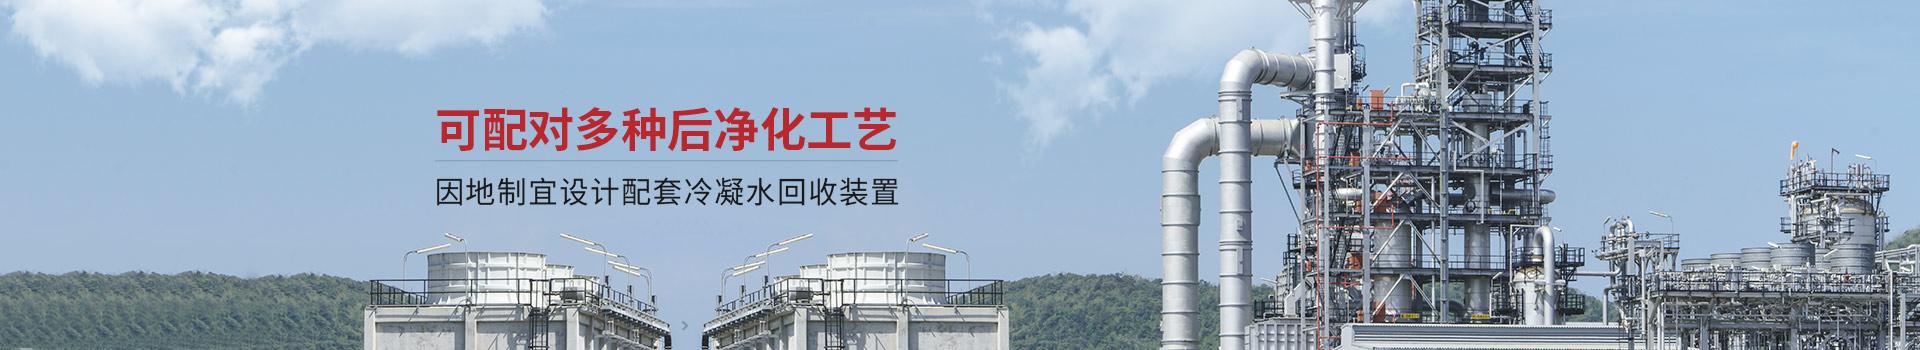 三梯环境可配对多种后净化工艺 因地制宜设计配套冷凝水回收装置